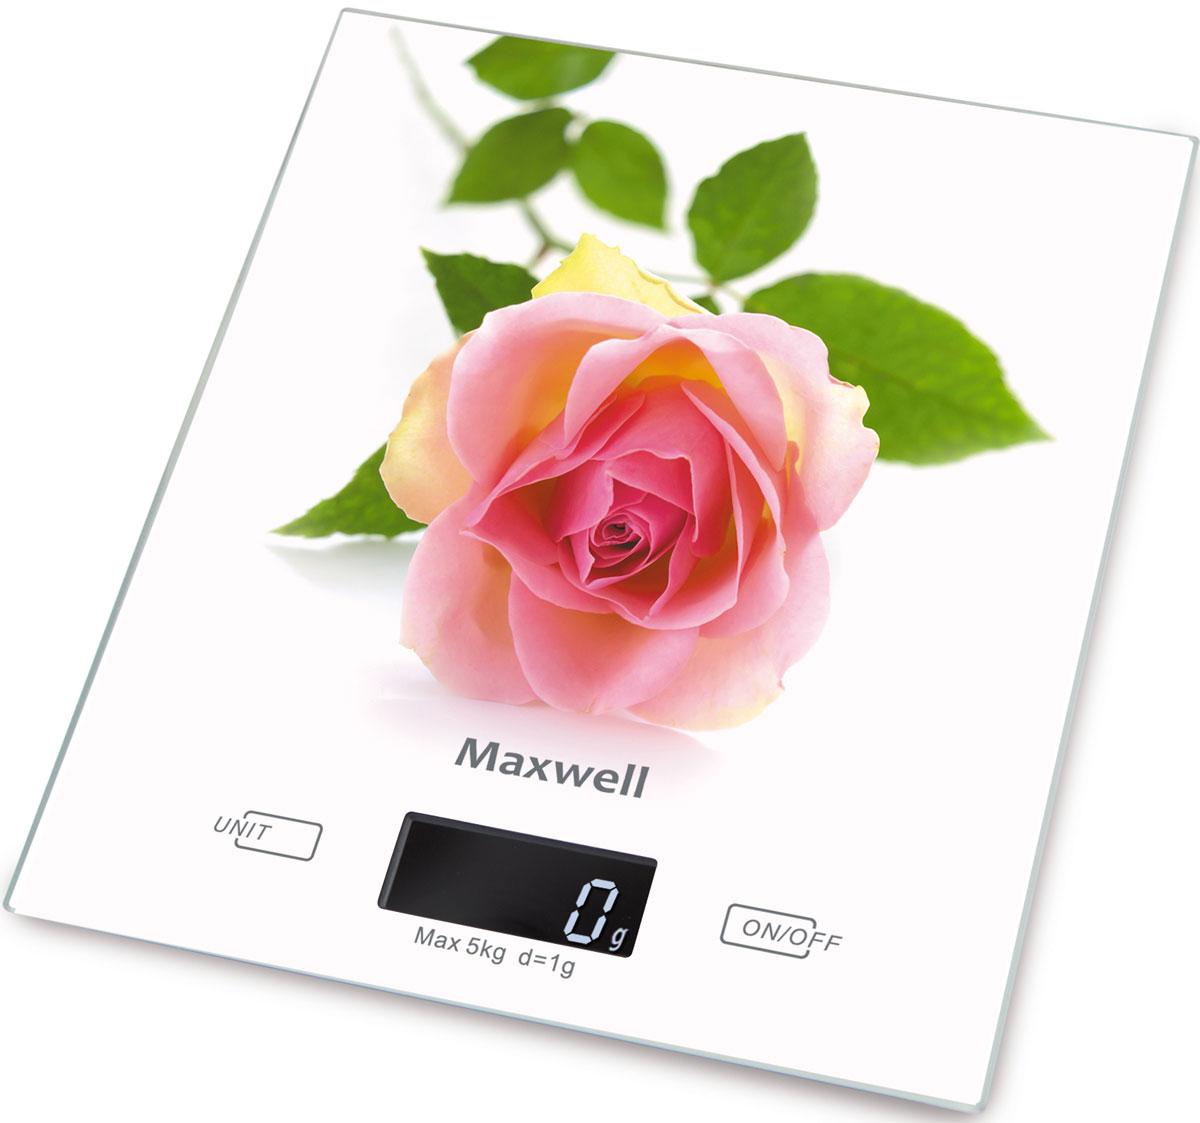 Maxwell MW-1476(W) весы кухонныеMW-1476(W)Кухонные электронные весы Maxwell MW-1476(W) - незаменимые помощники современной хозяйки. Они помогут точно взвесить любые продукты и ингредиенты. Кроме того, позволят людям, соблюдающим диету, контролировать количество съедаемой пищи и размеры порций. Предназначены для взвешивания продуктов с точностью измерения 1 грамм.Размер весов: 20 см х 18 смРазмер дисплея: 4,58 см х 1,7 см